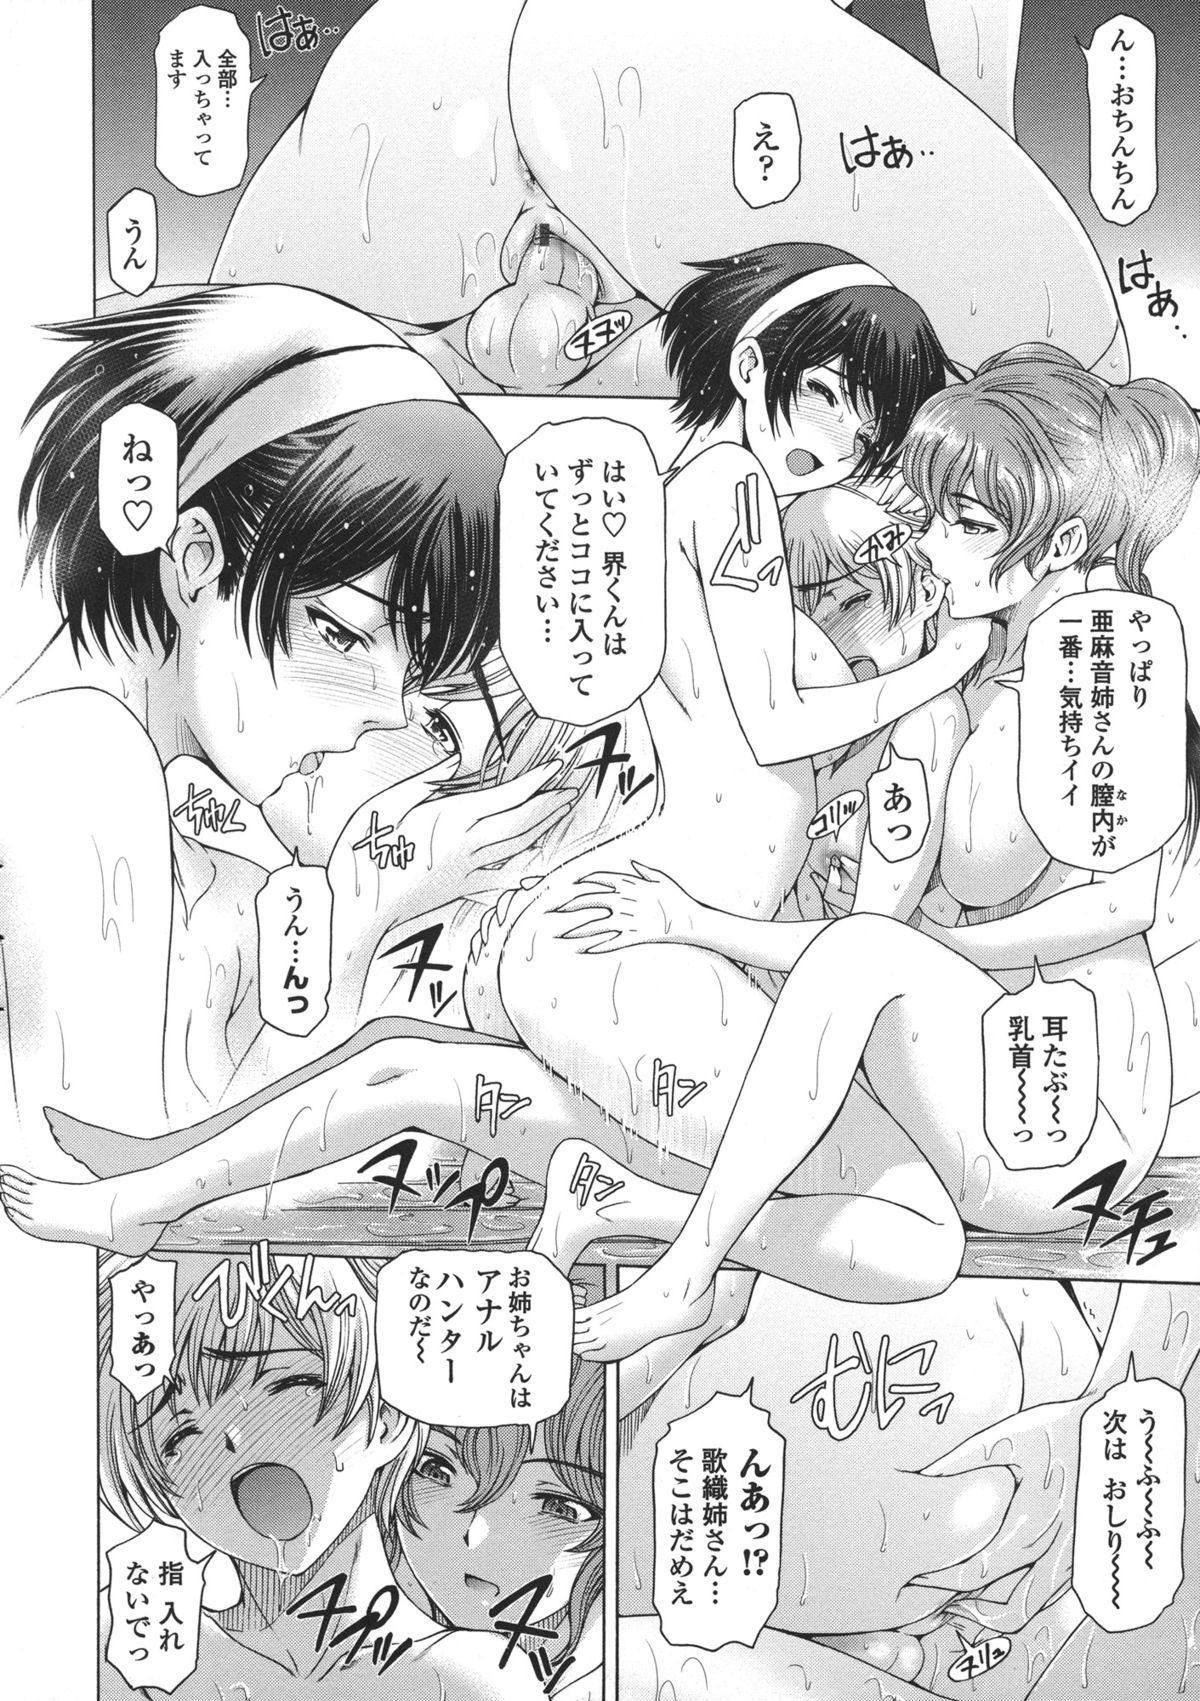 Ane wa Shota o Suki ni Naru 60